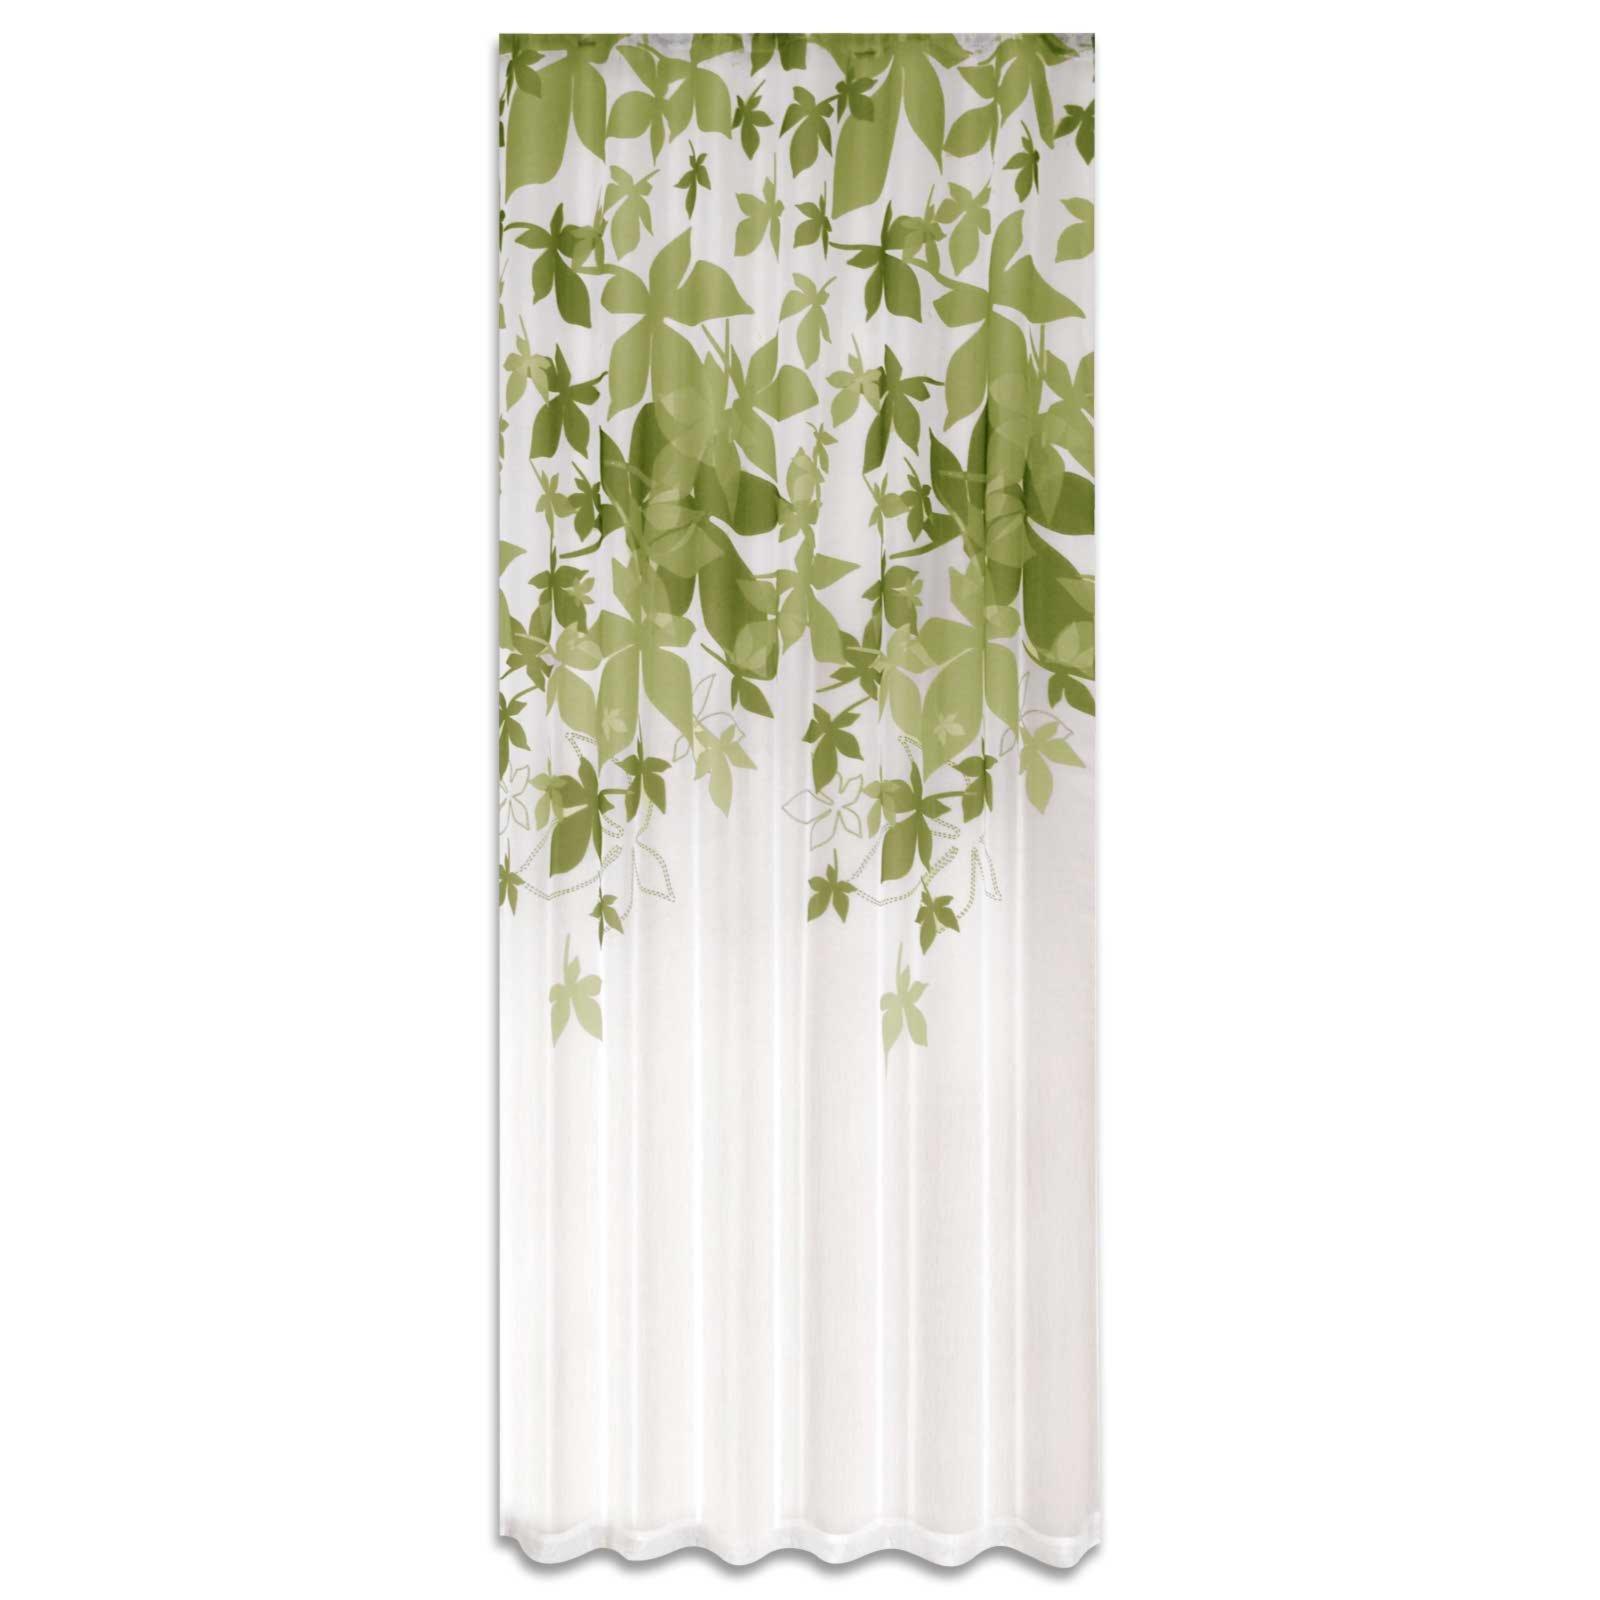 wende gardine lindgr n bl tter 140x235 cm transparente gardinen gardinen vorh nge. Black Bedroom Furniture Sets. Home Design Ideas